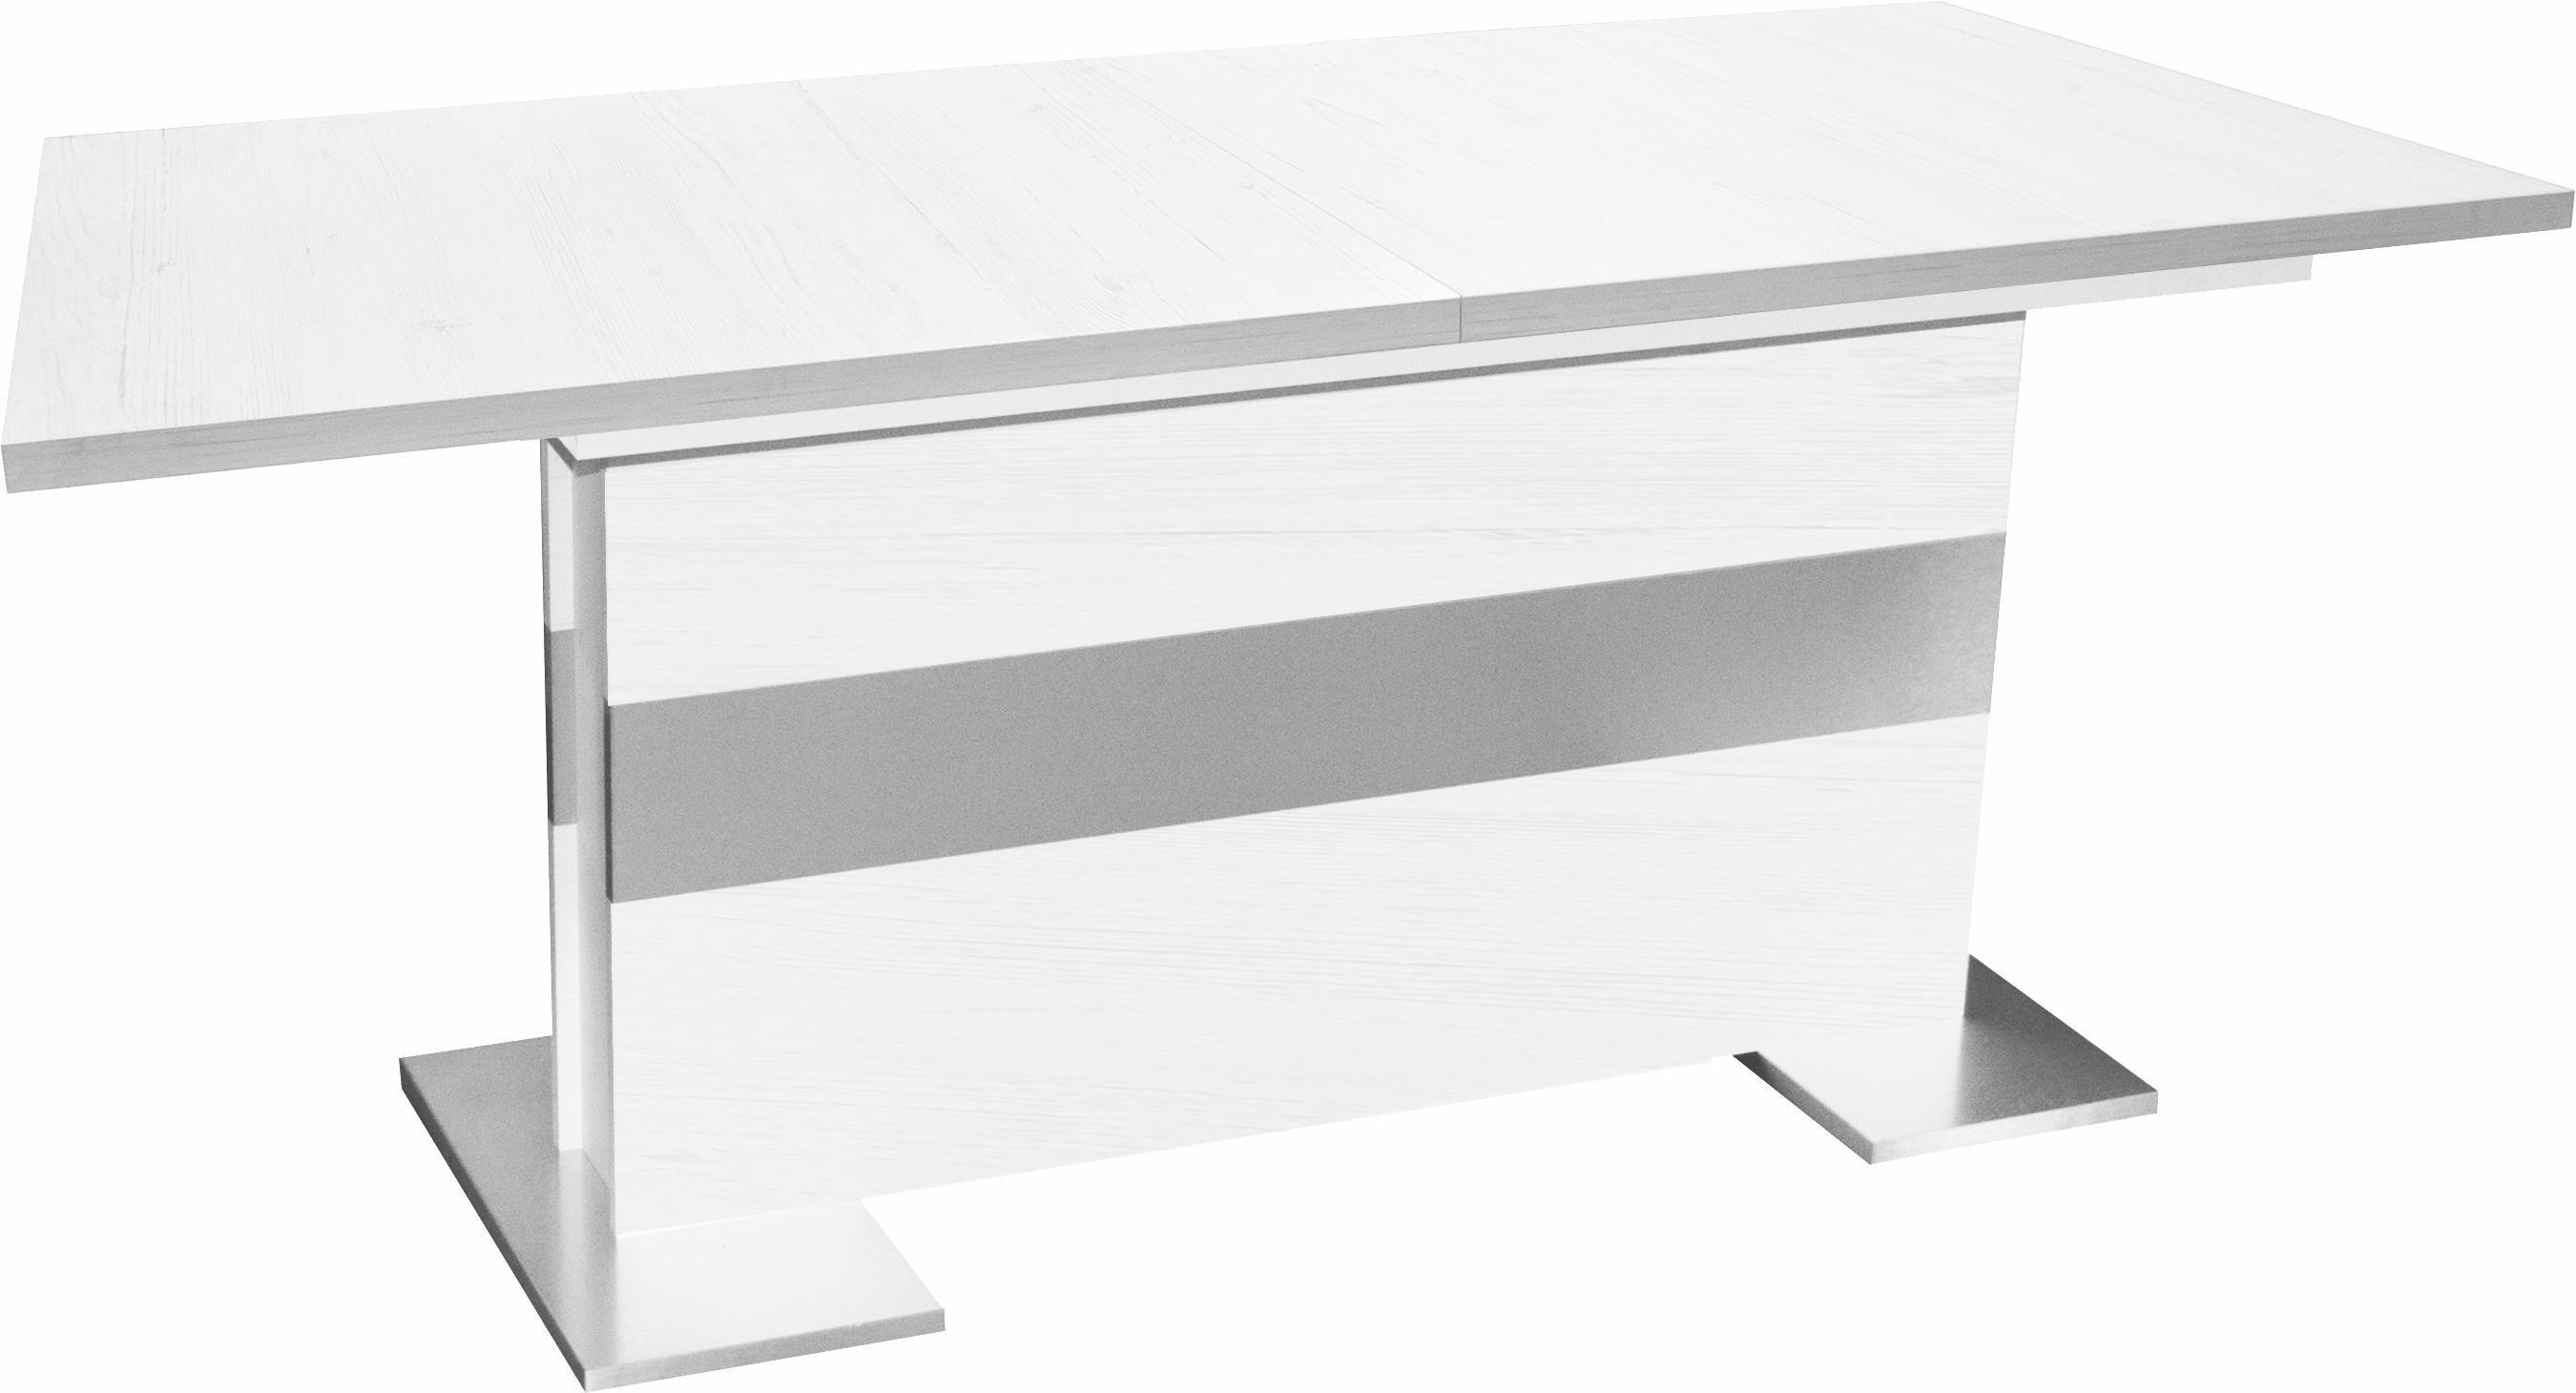 Esstische online kaufen | Möbel-Suchmaschine | ladendirekt.de - Seite 83